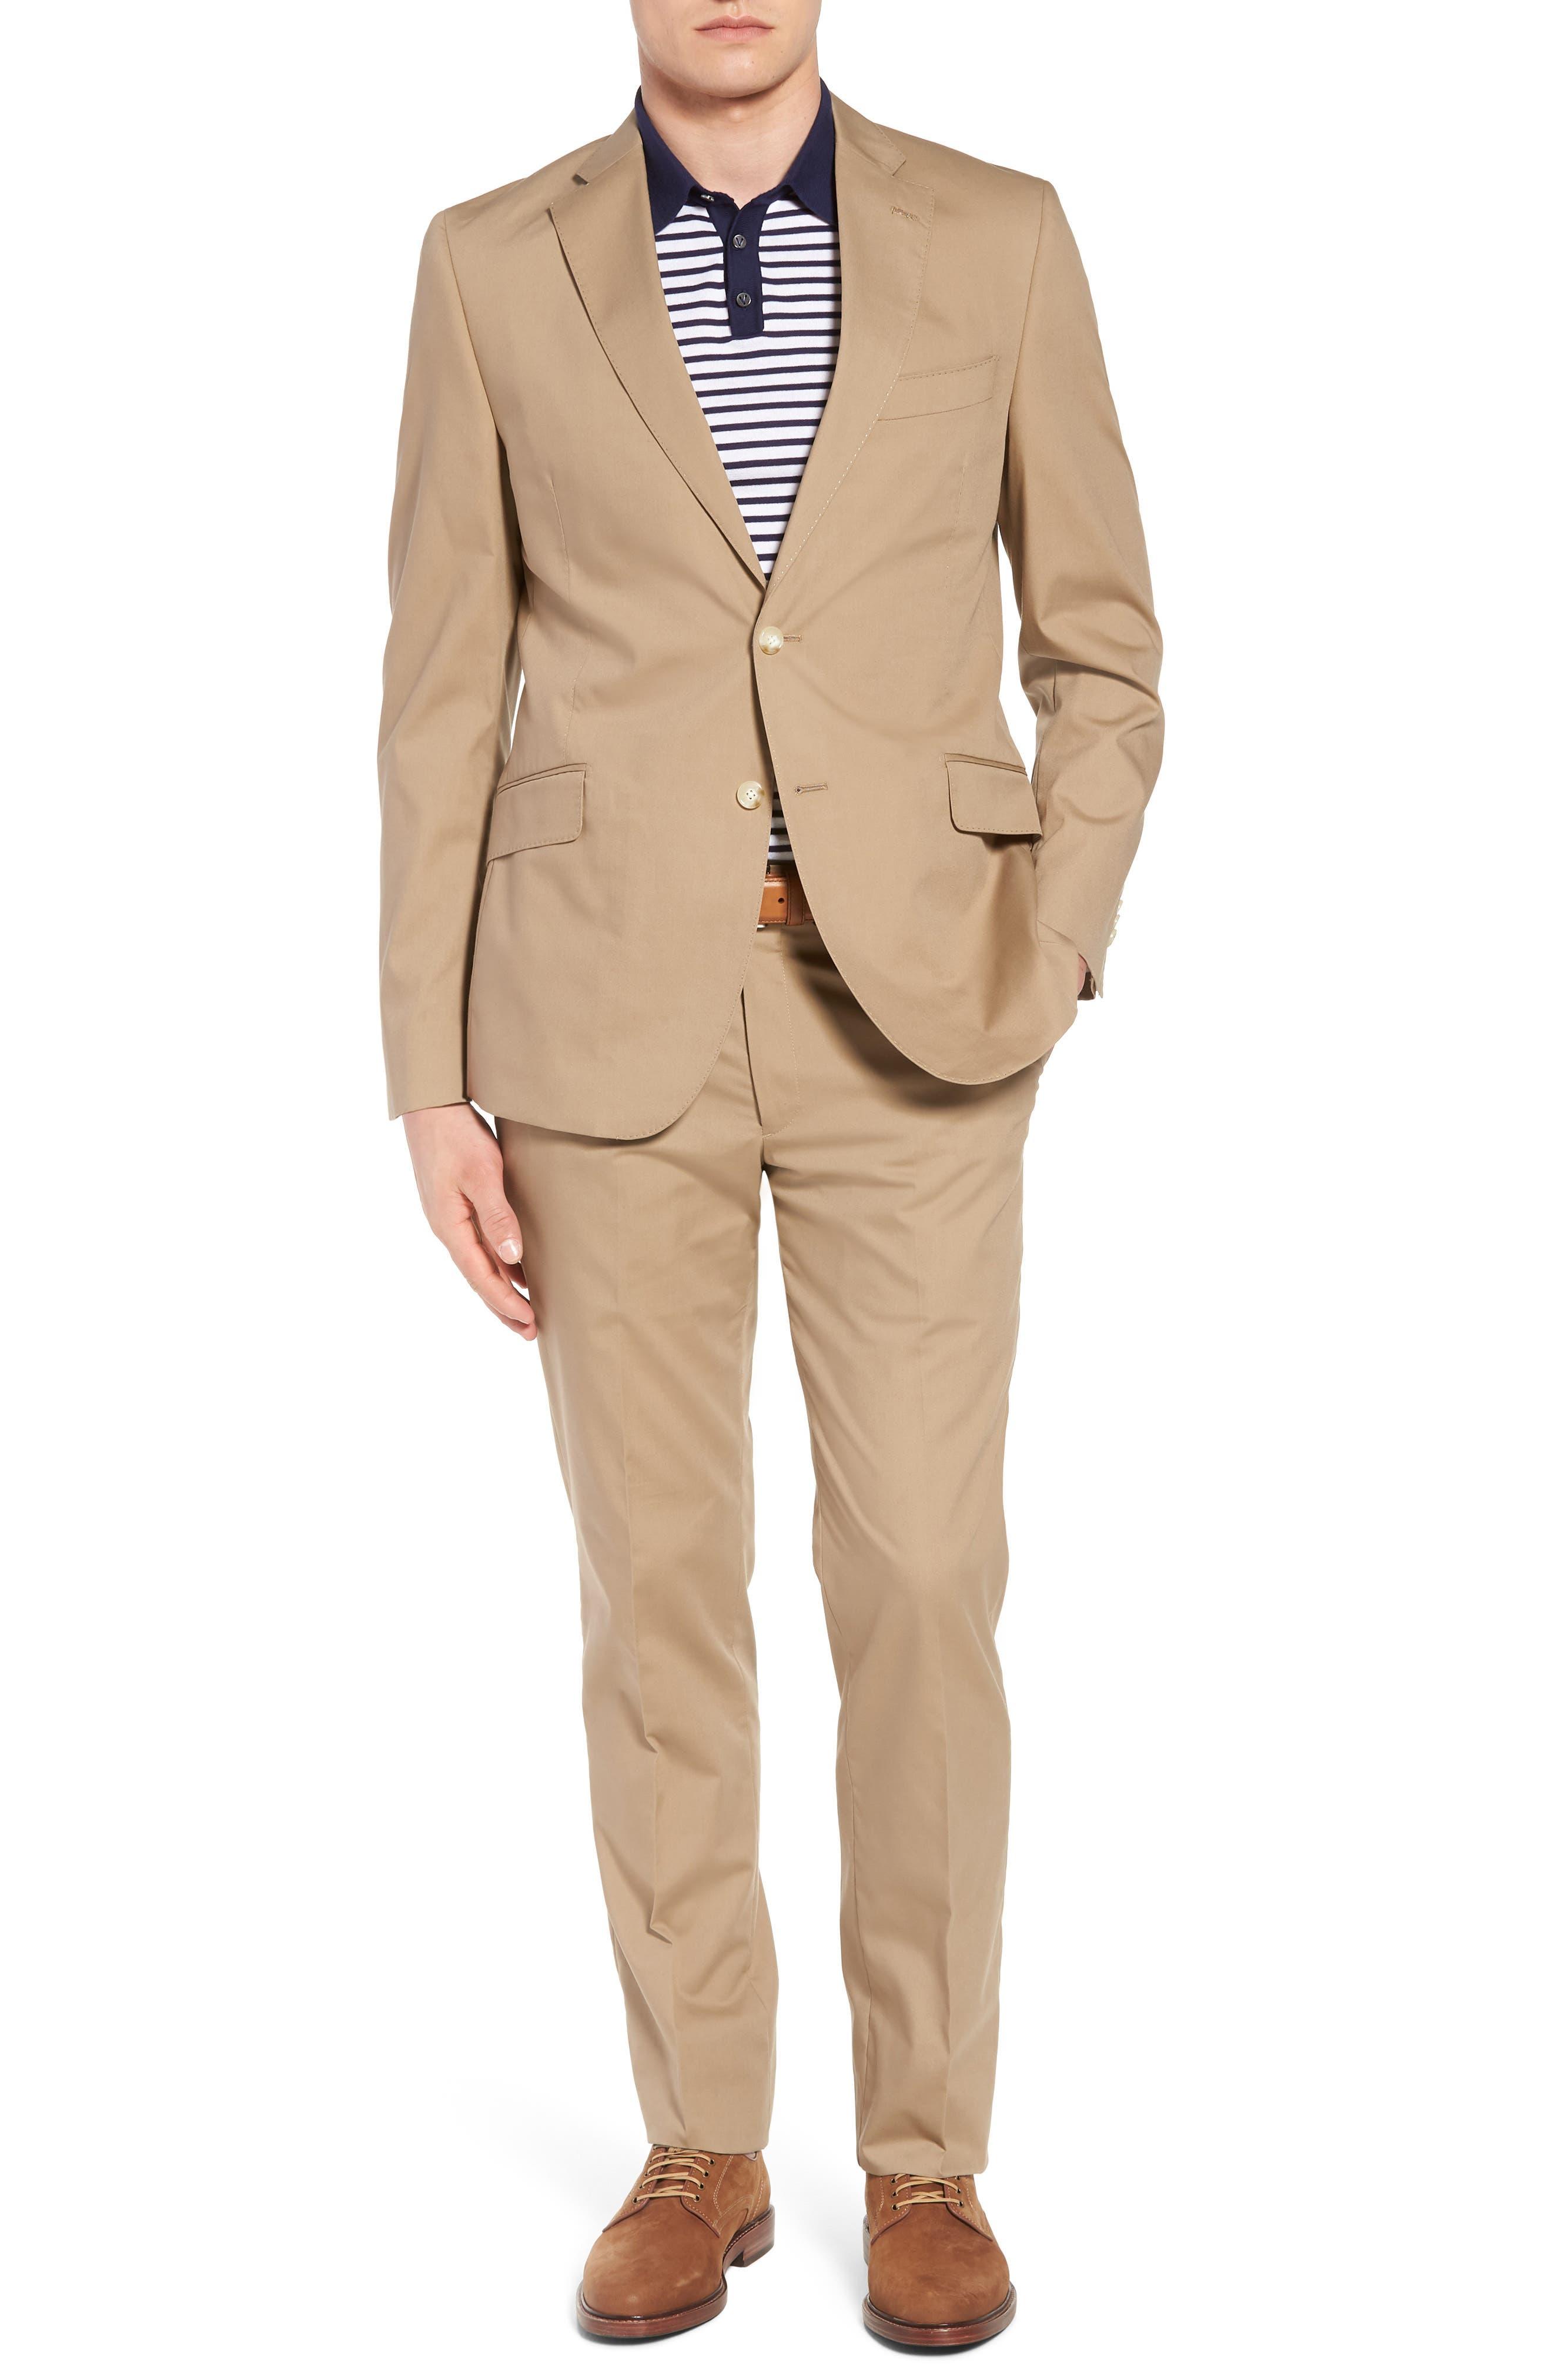 Irons AIM Classic Fit Solid Cotton Blend Suit,                             Main thumbnail 1, color,                             Khaki